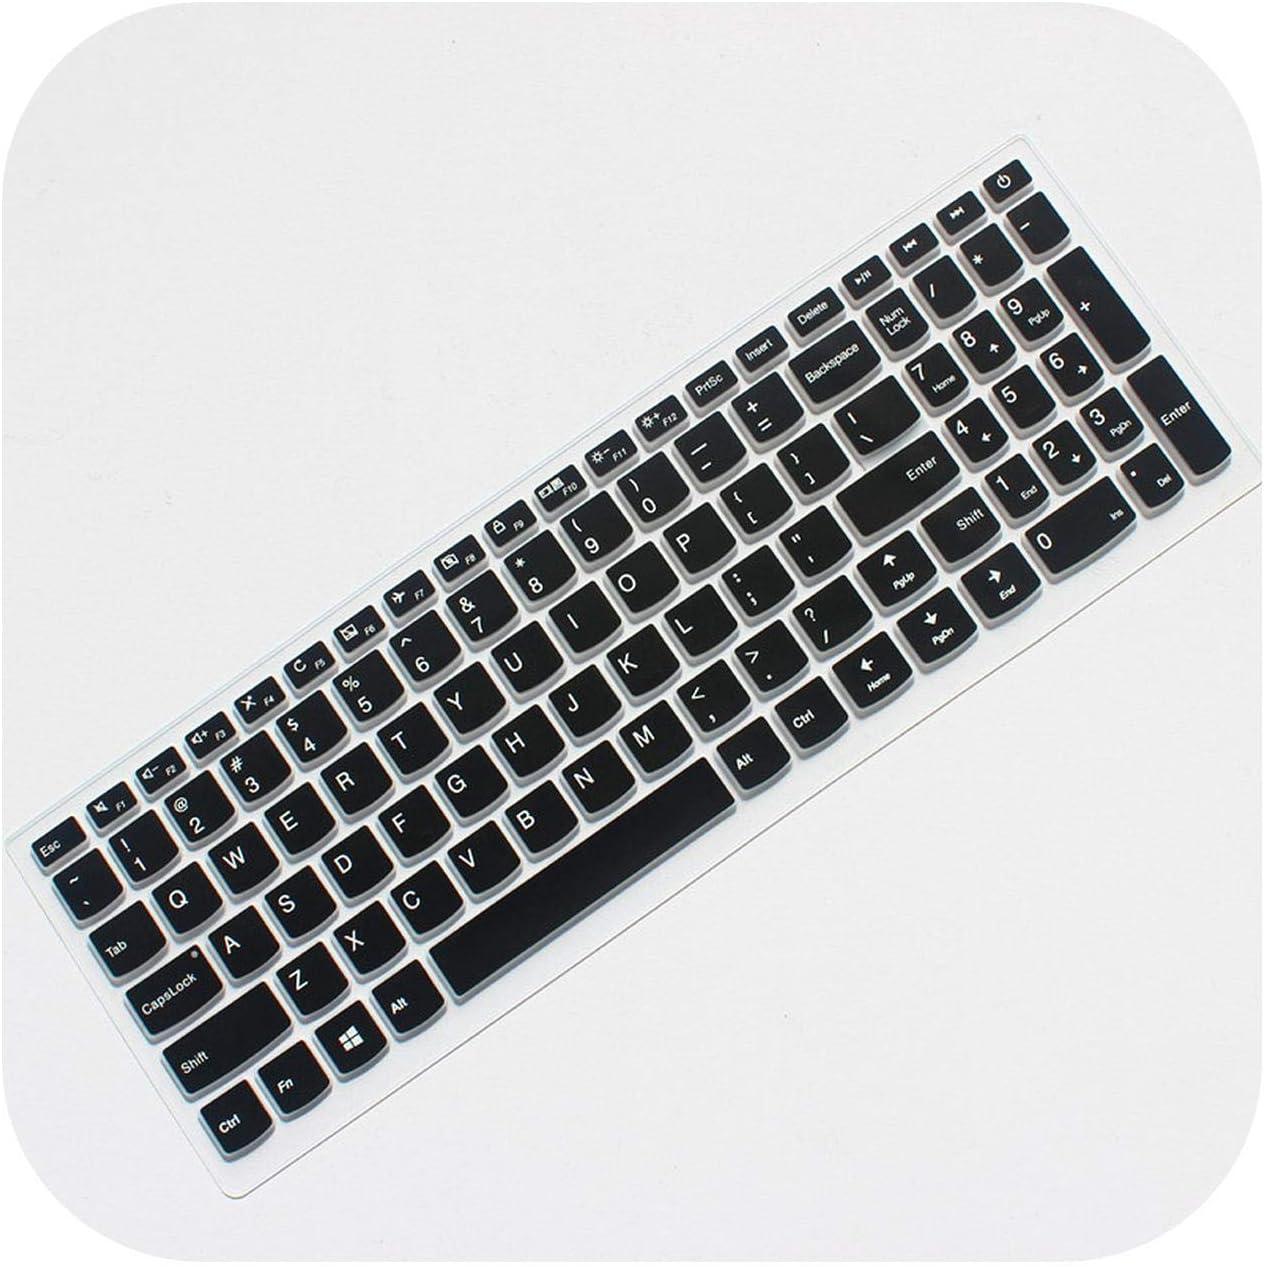 Notebook-Tastaturschutz f/ür Lenovo Ideapad 310 15//510 15//110 15 17 Laptop-Tastaturschutz Schwarz schwarz one Size